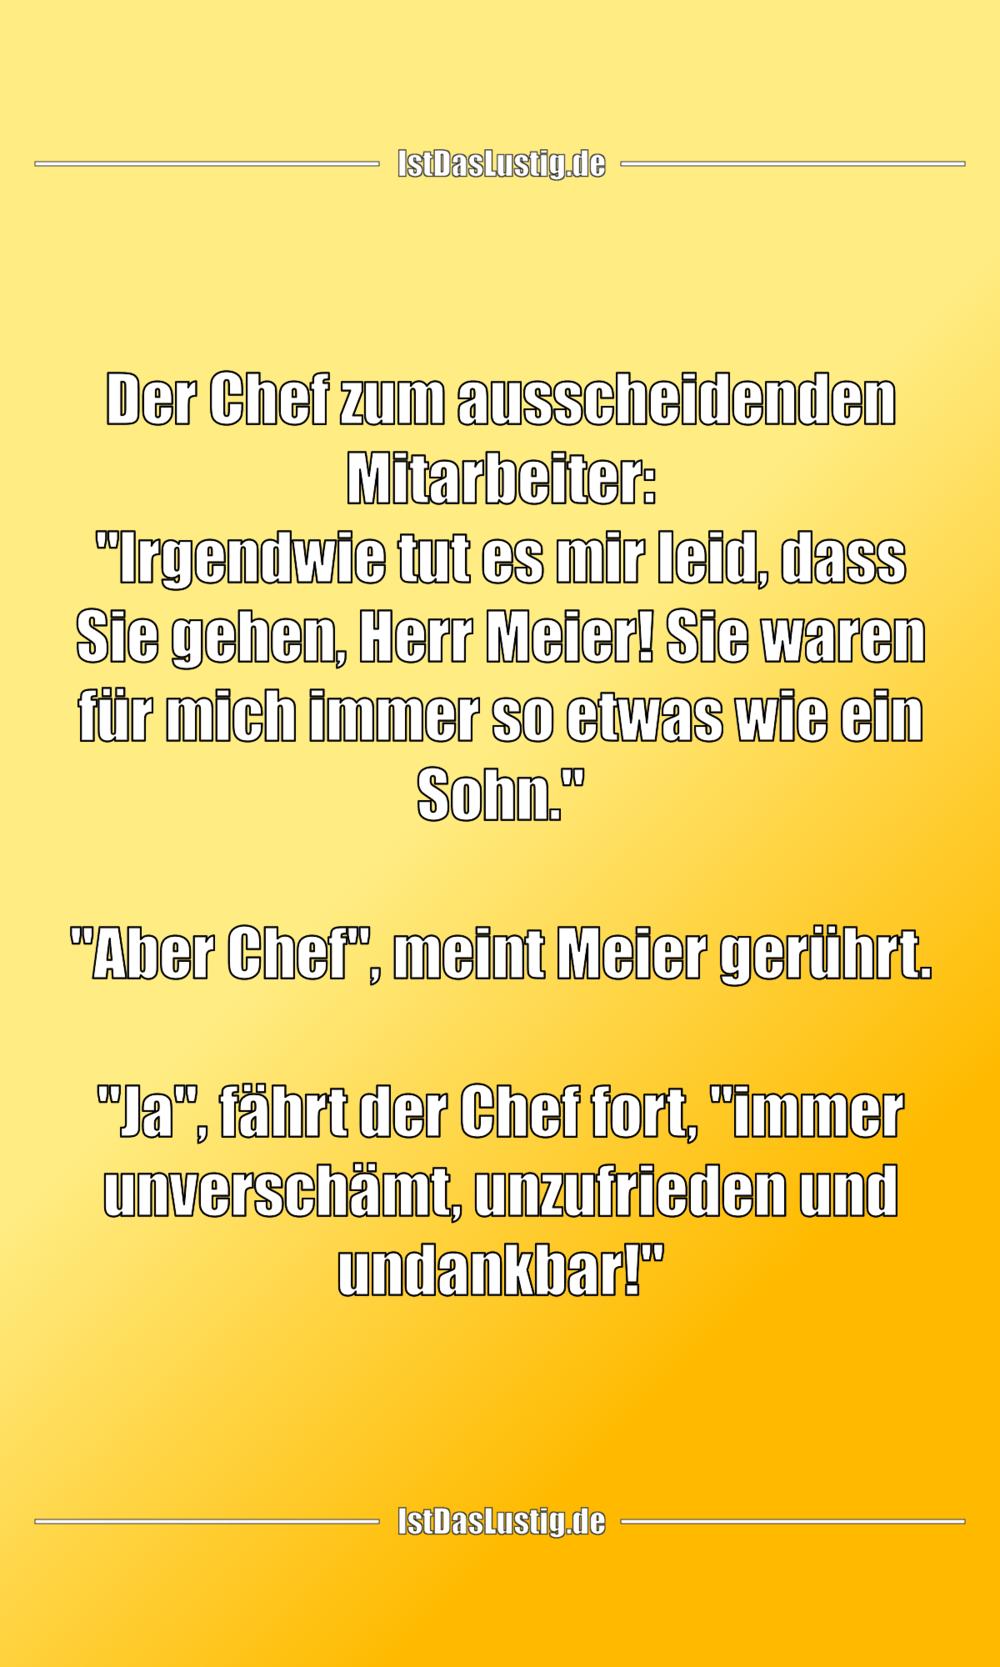 Lustiger BilderSpruch - Der Chef zum ausscheidenden Mitarbeiter:...